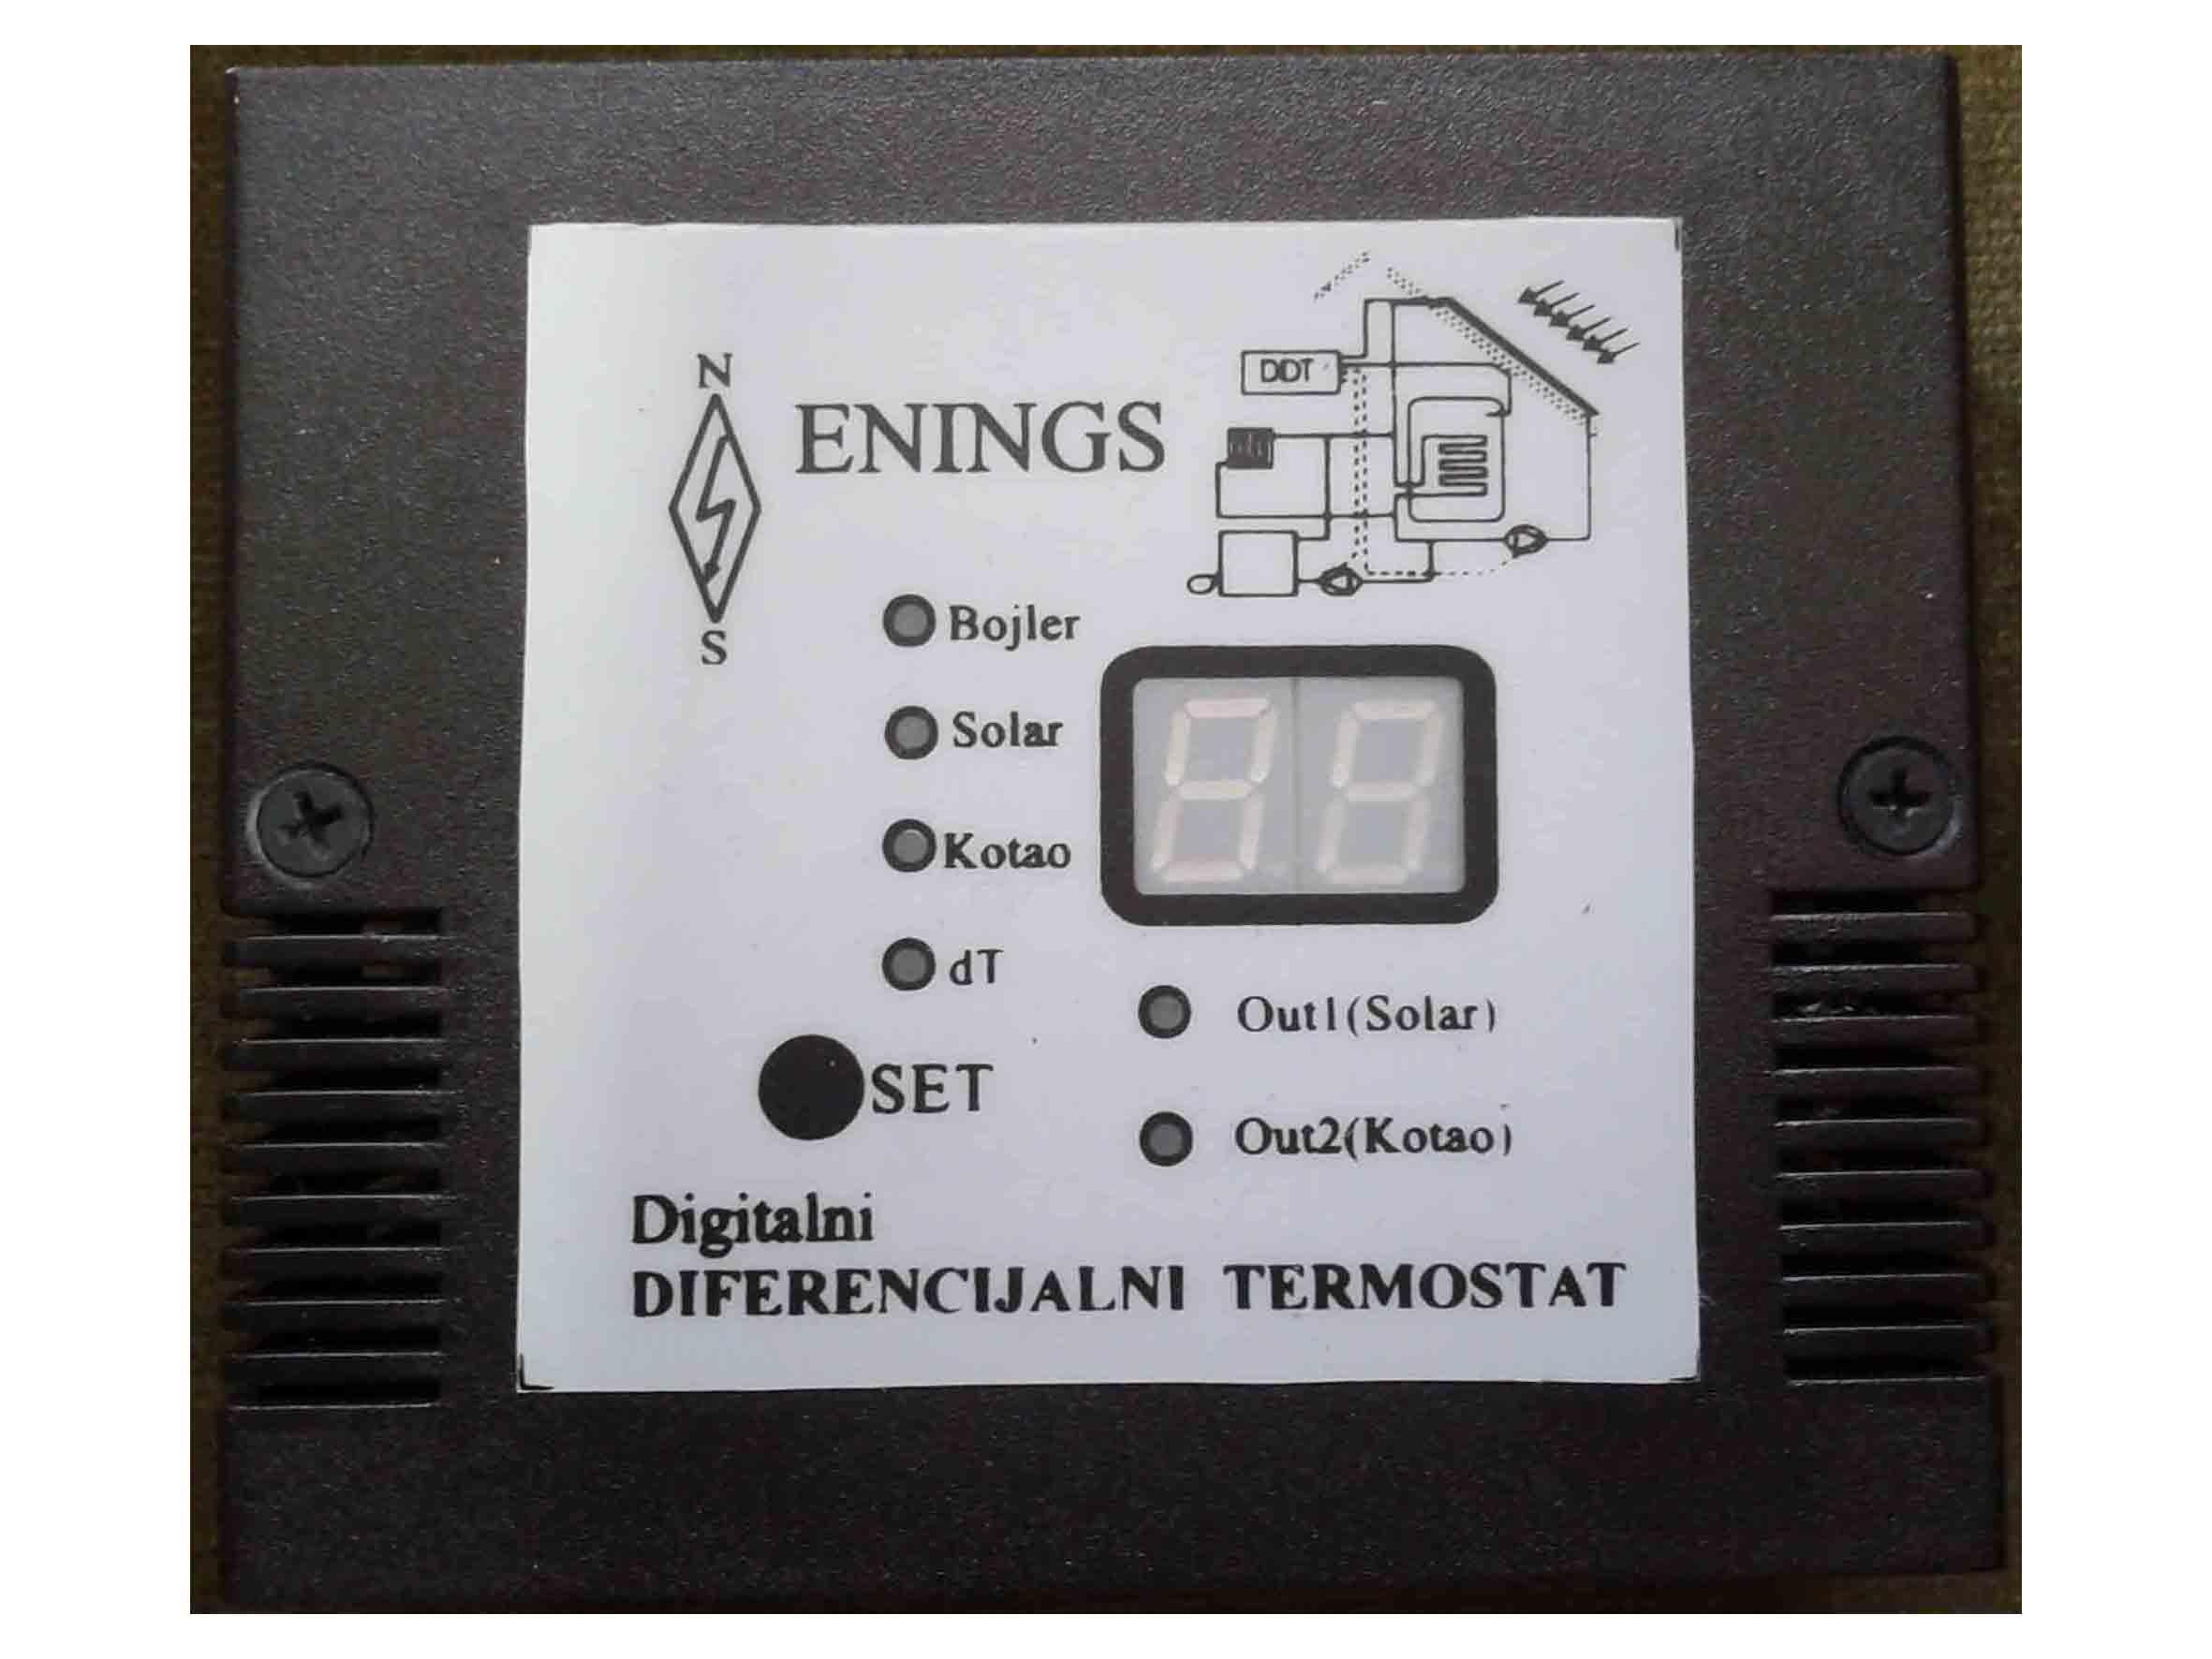 Dvostruki diferencijalni termostat (tri sonde, varijanta za zid) - ENINGS - Niš